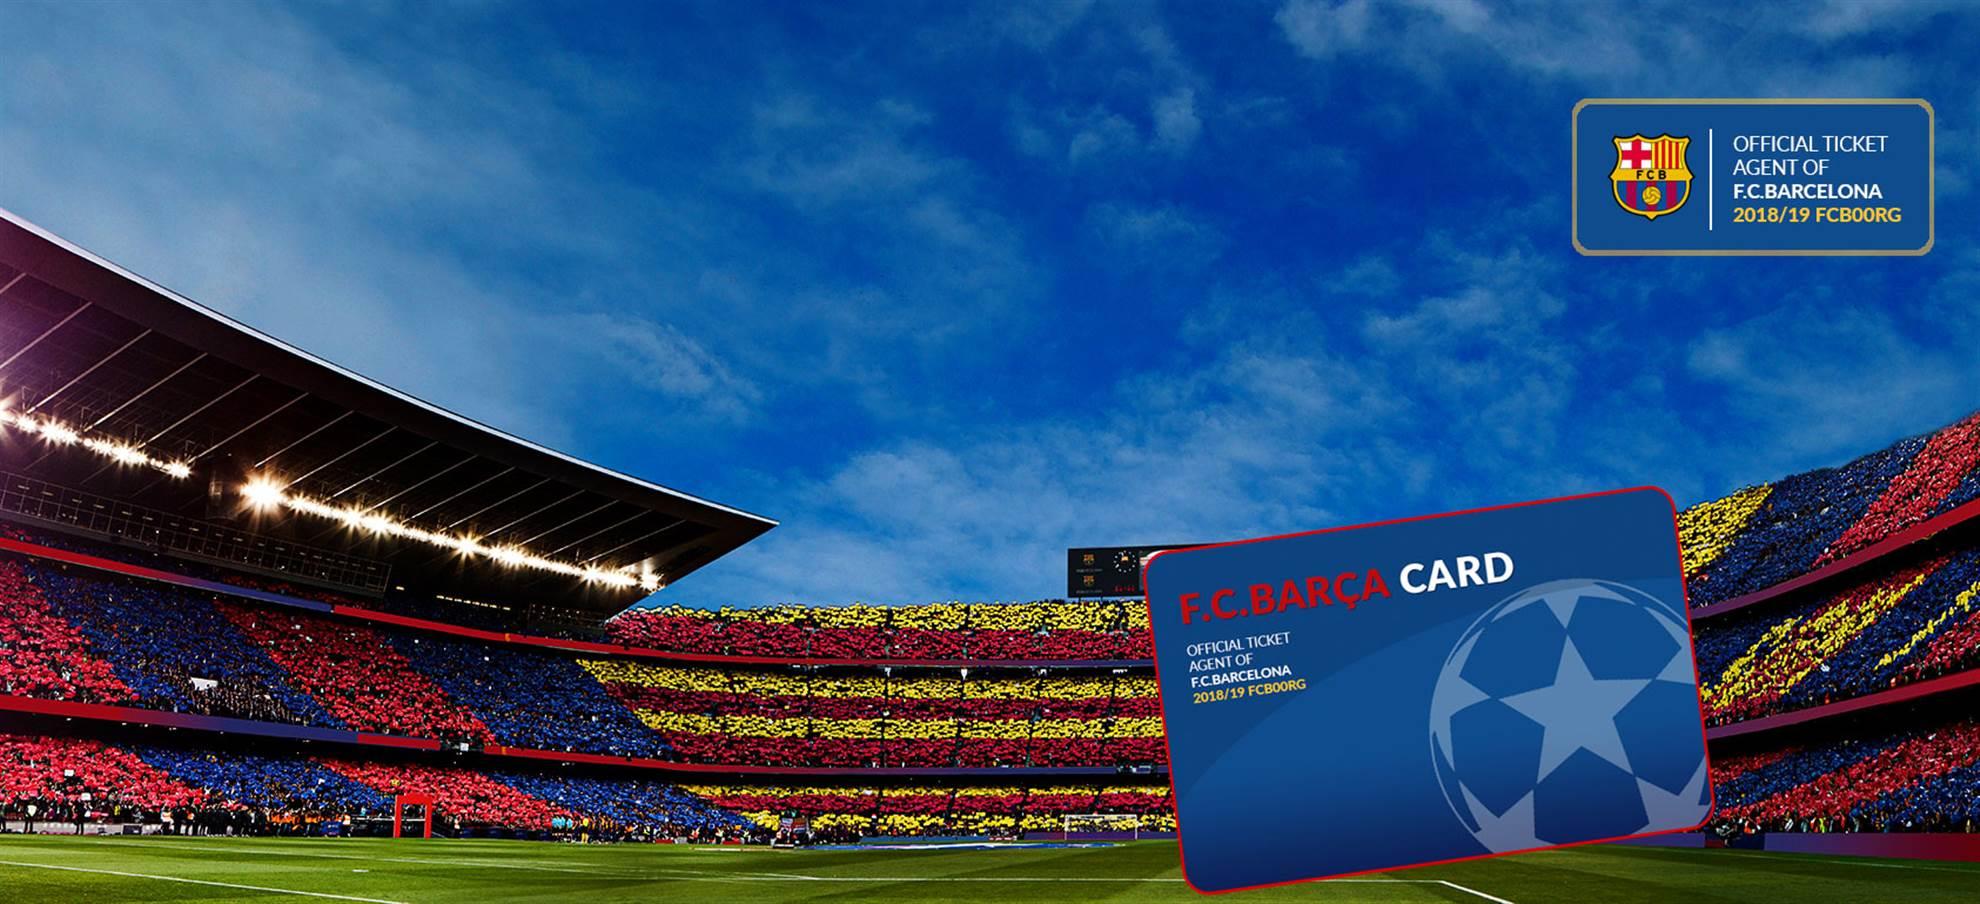 De Barça Card